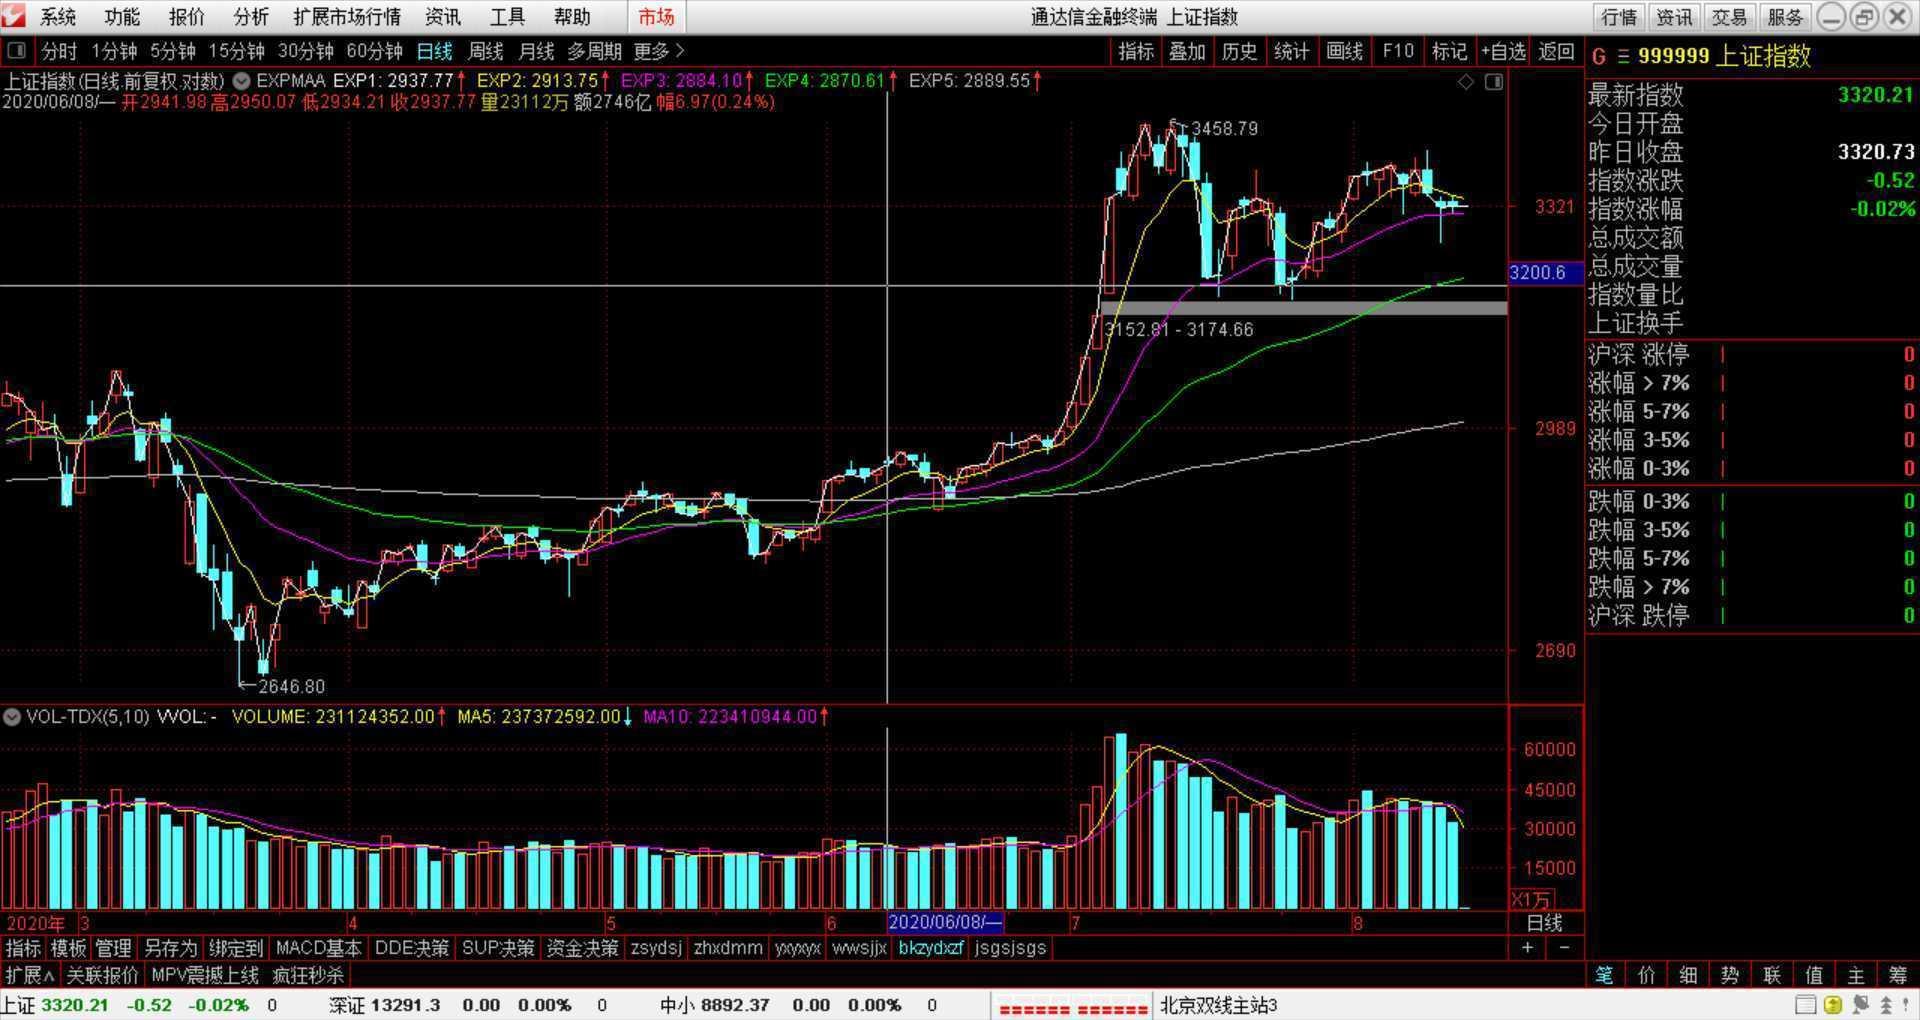 2020年8月14日股票分析报告